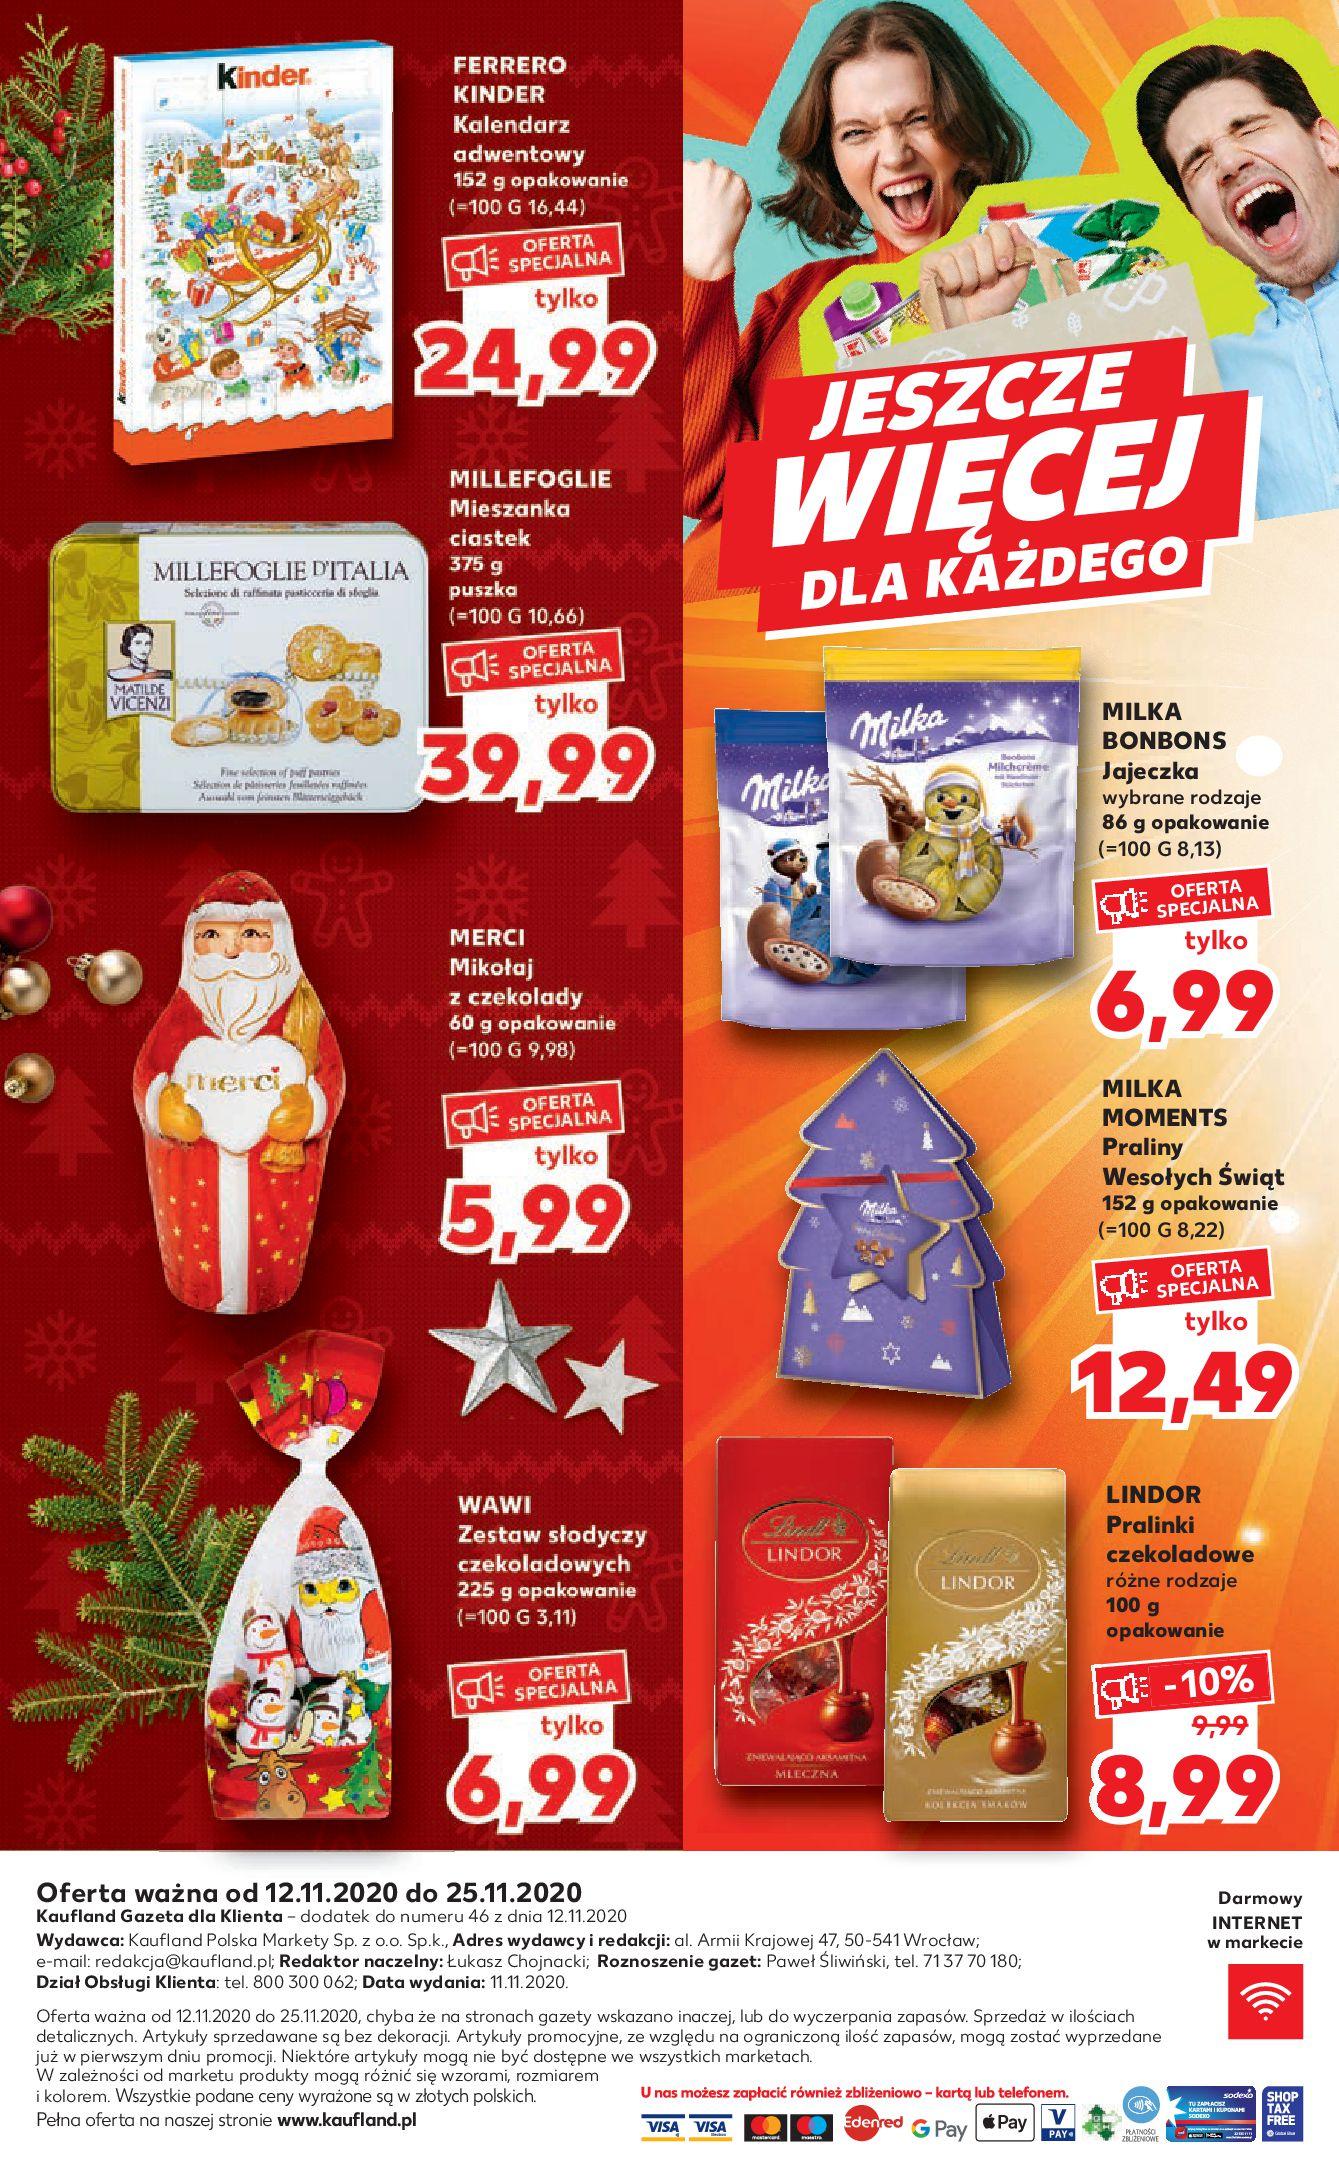 Gazetka Kaufland - Katalog MARKI-11.11.2020-25.11.2020-page-20